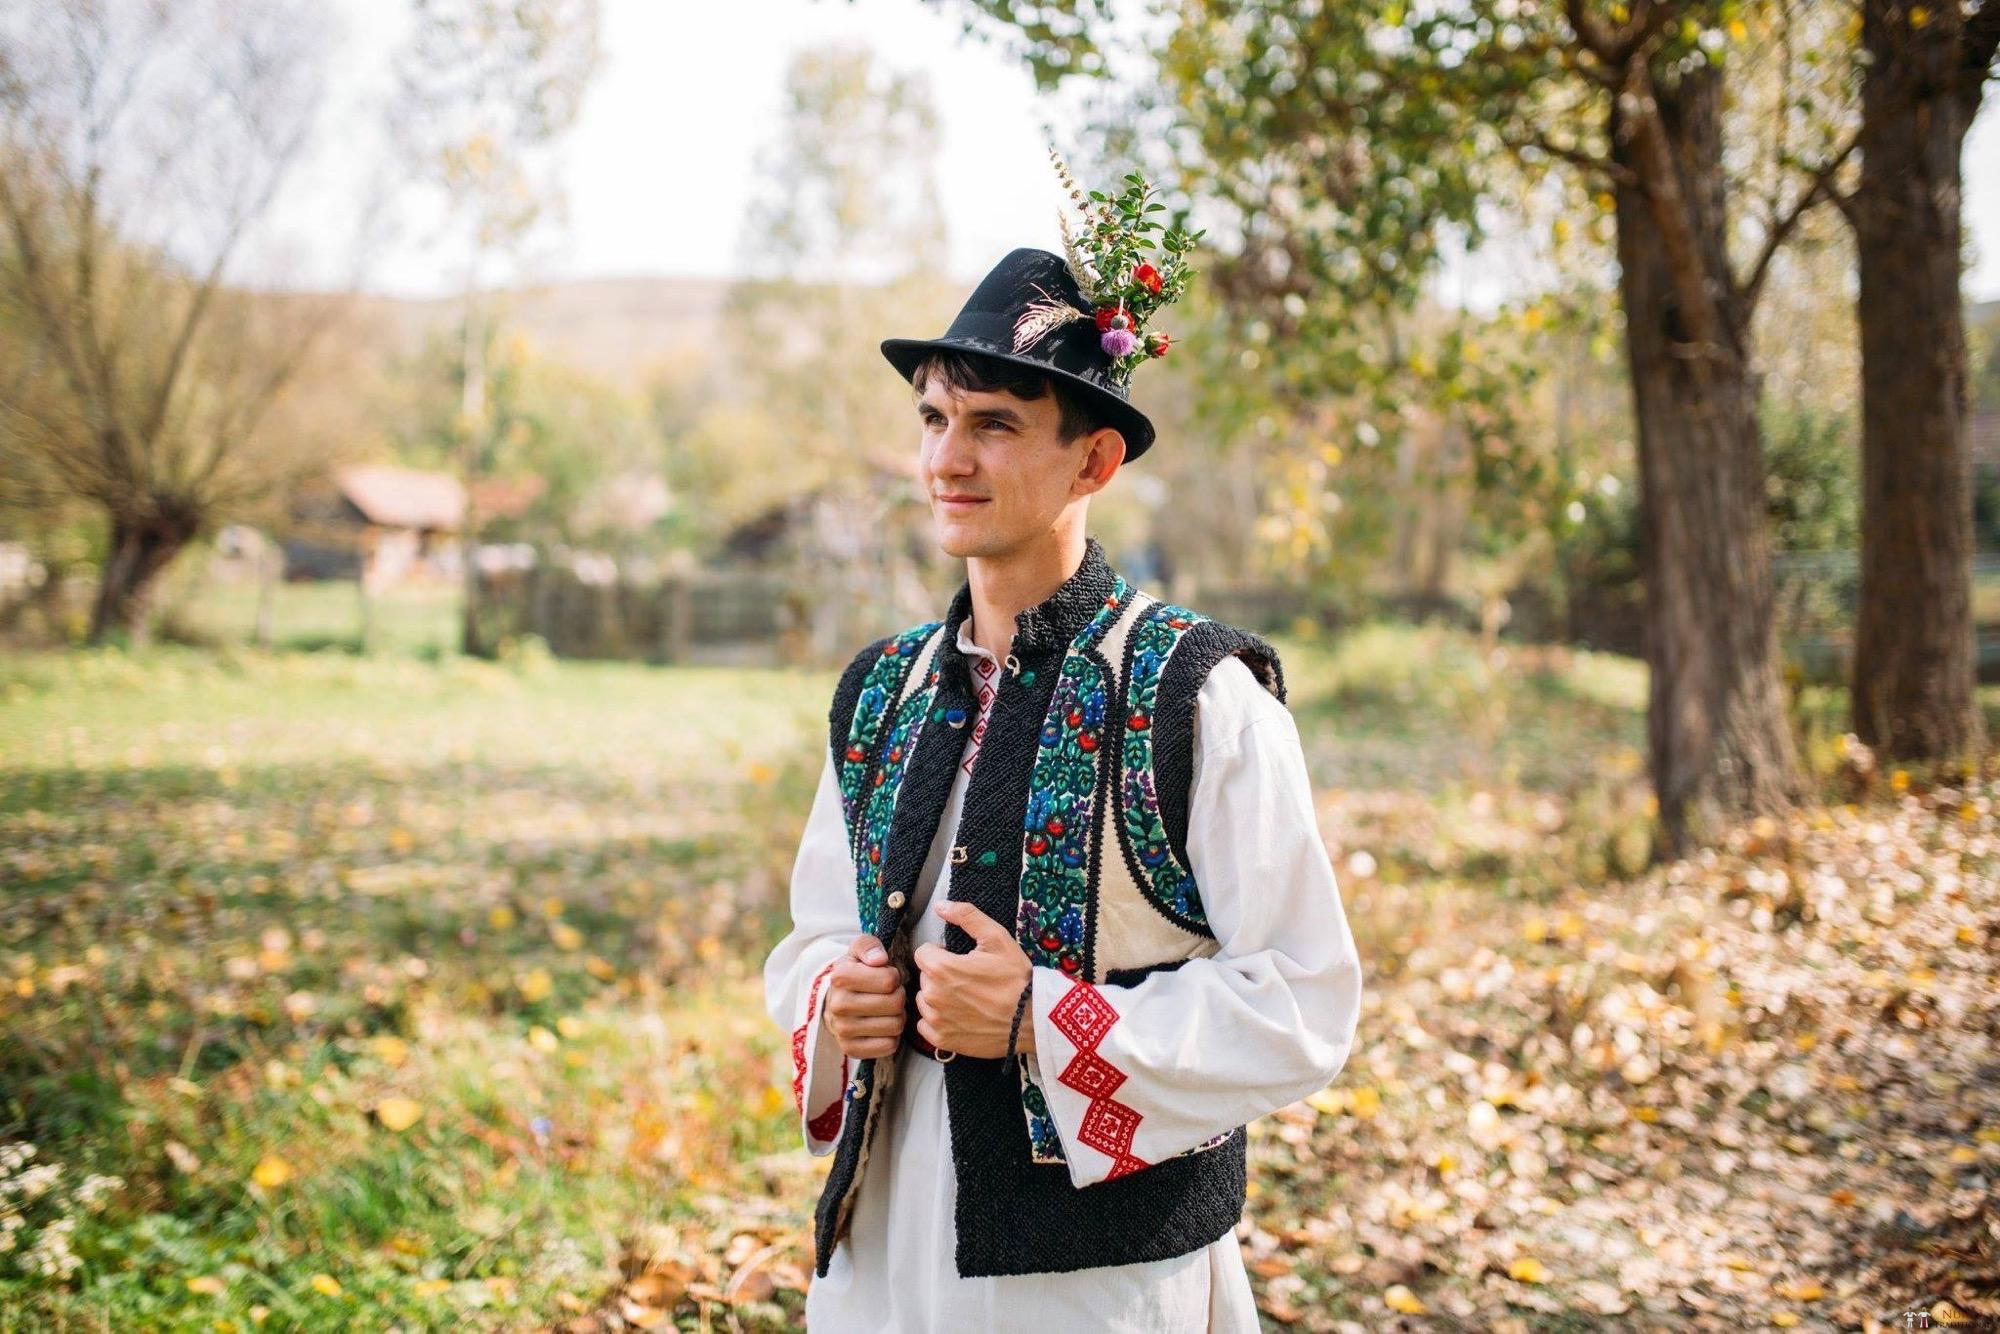 Povești Nunți Tradiționale - Andreea și Sergiu. Nuntă tradițională în Alba-Iulia 2